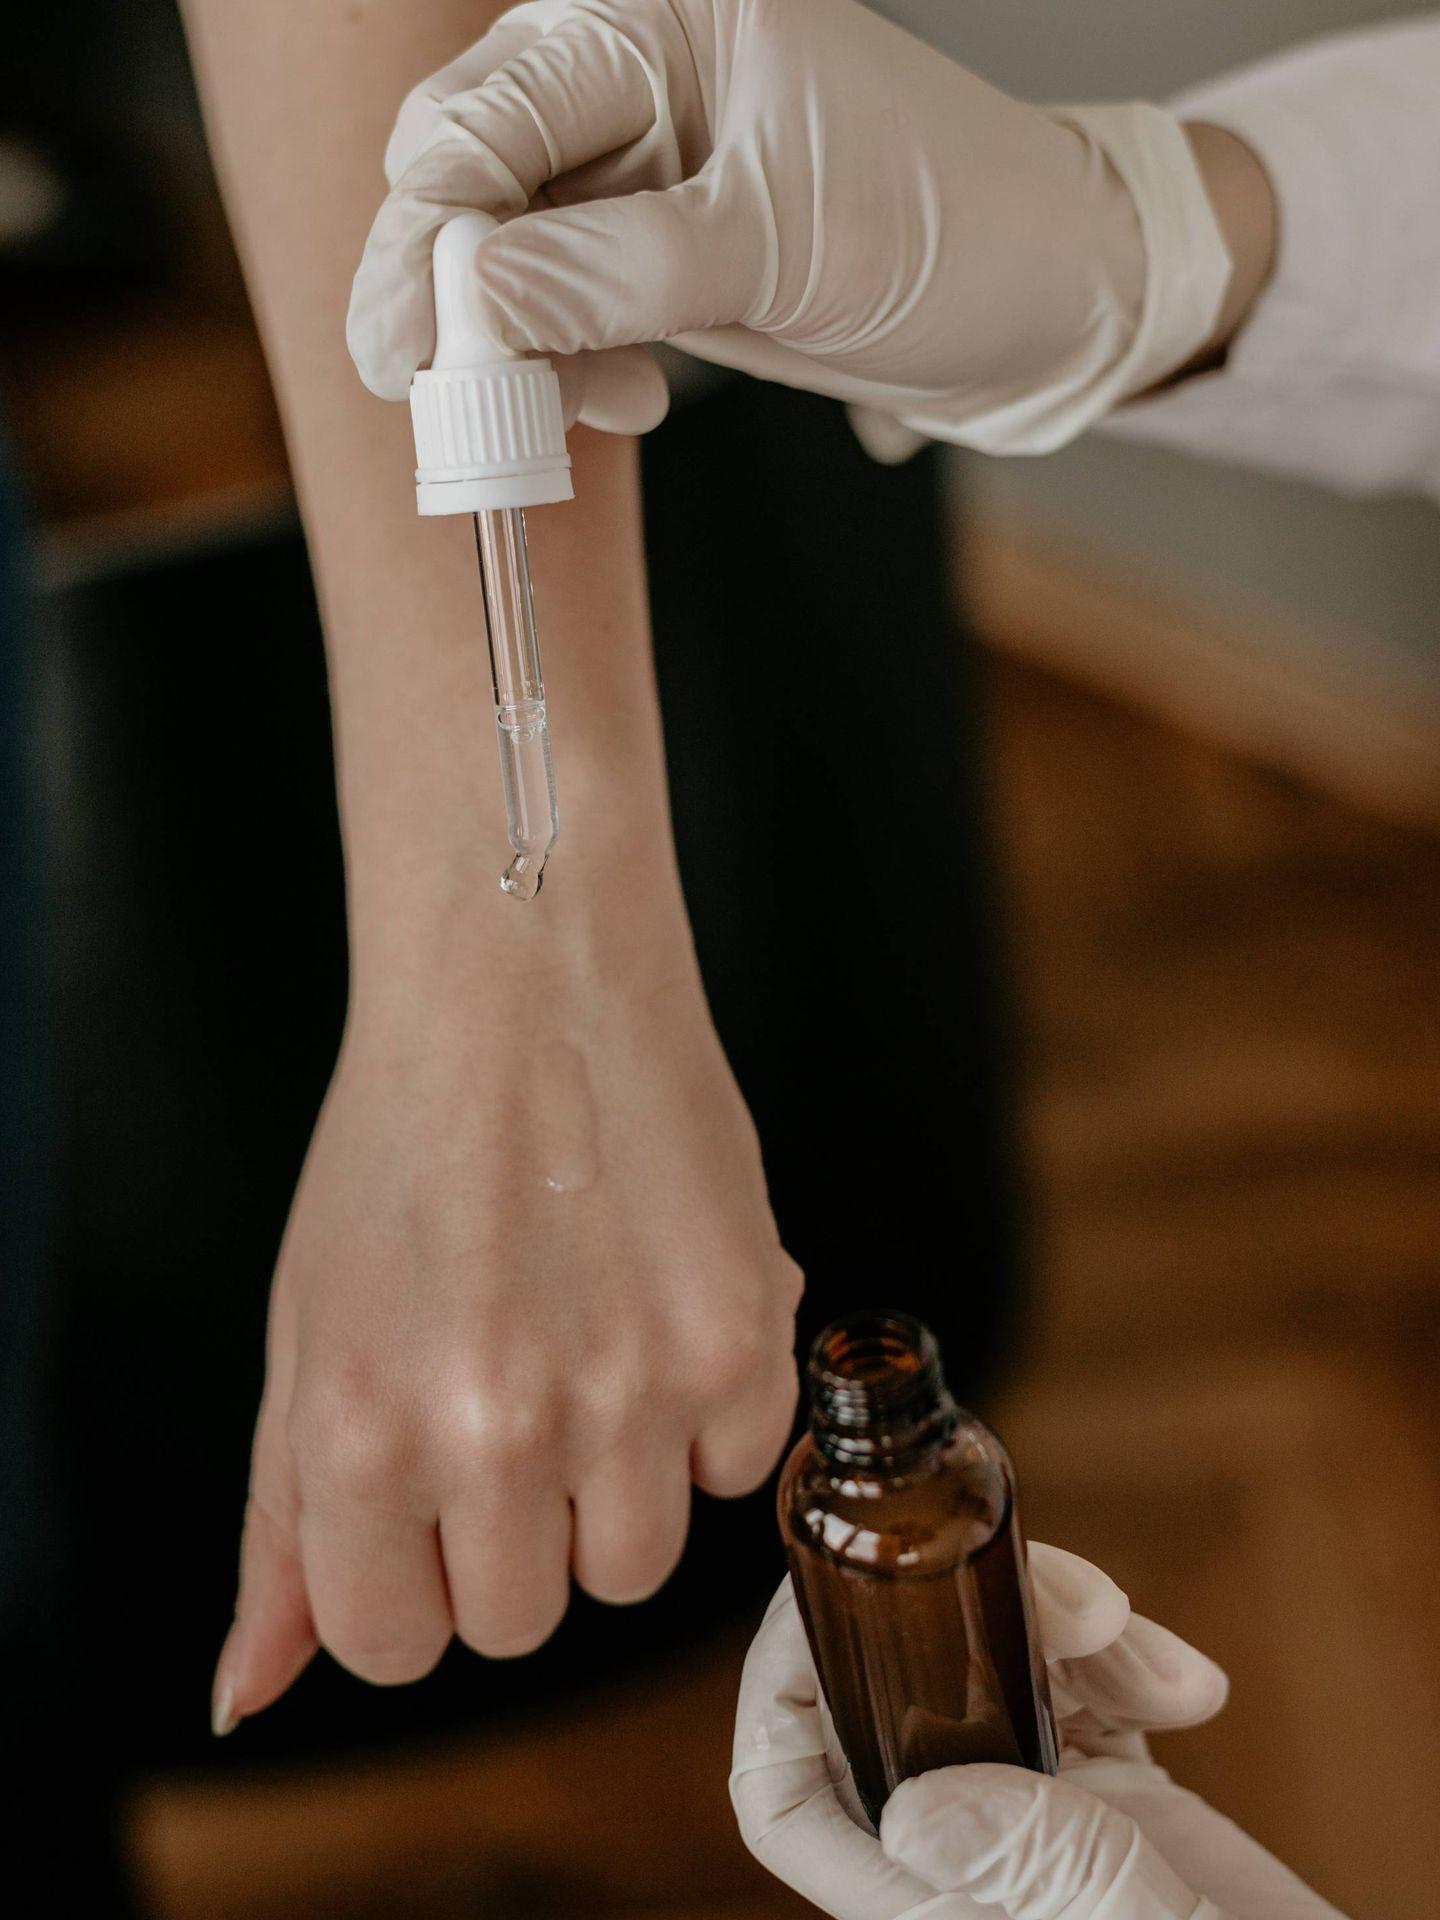 Del correcto uso de los cosméticos dependen sus resultados. (Unsplash)